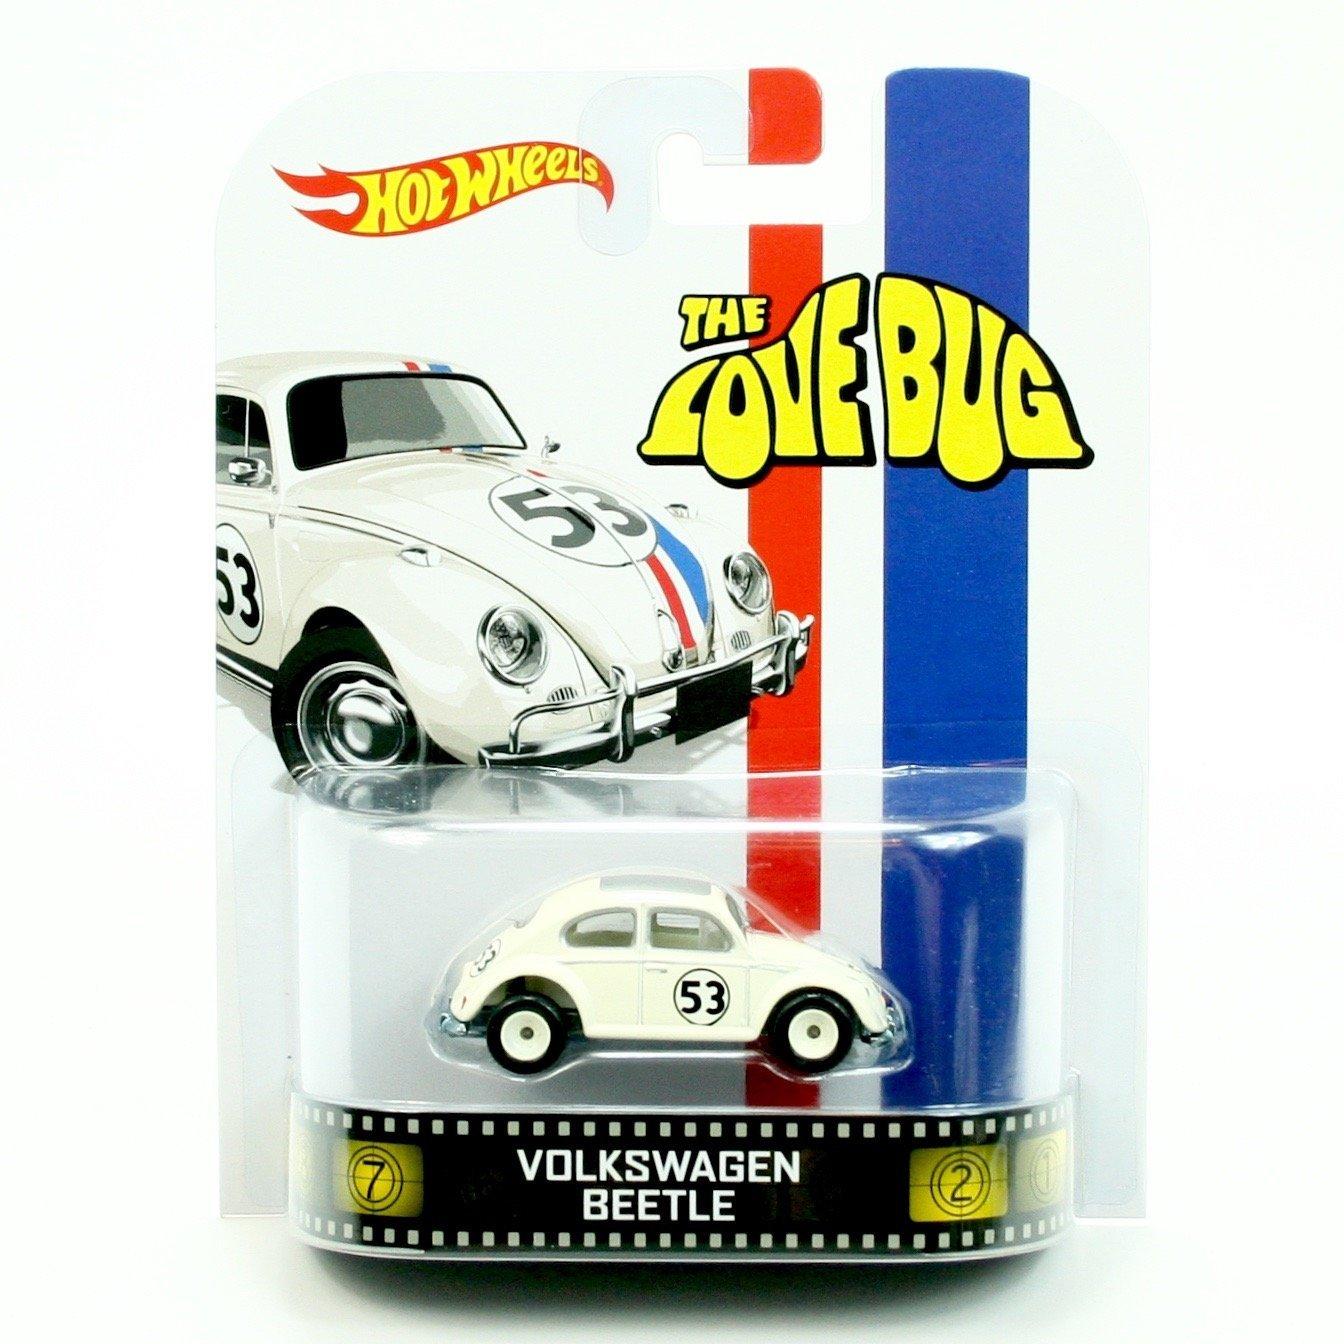 Amazon.com: VOLKSWAGEN BEETLE * HERBIE / THE LOVE BUG * Hot Wheels ...